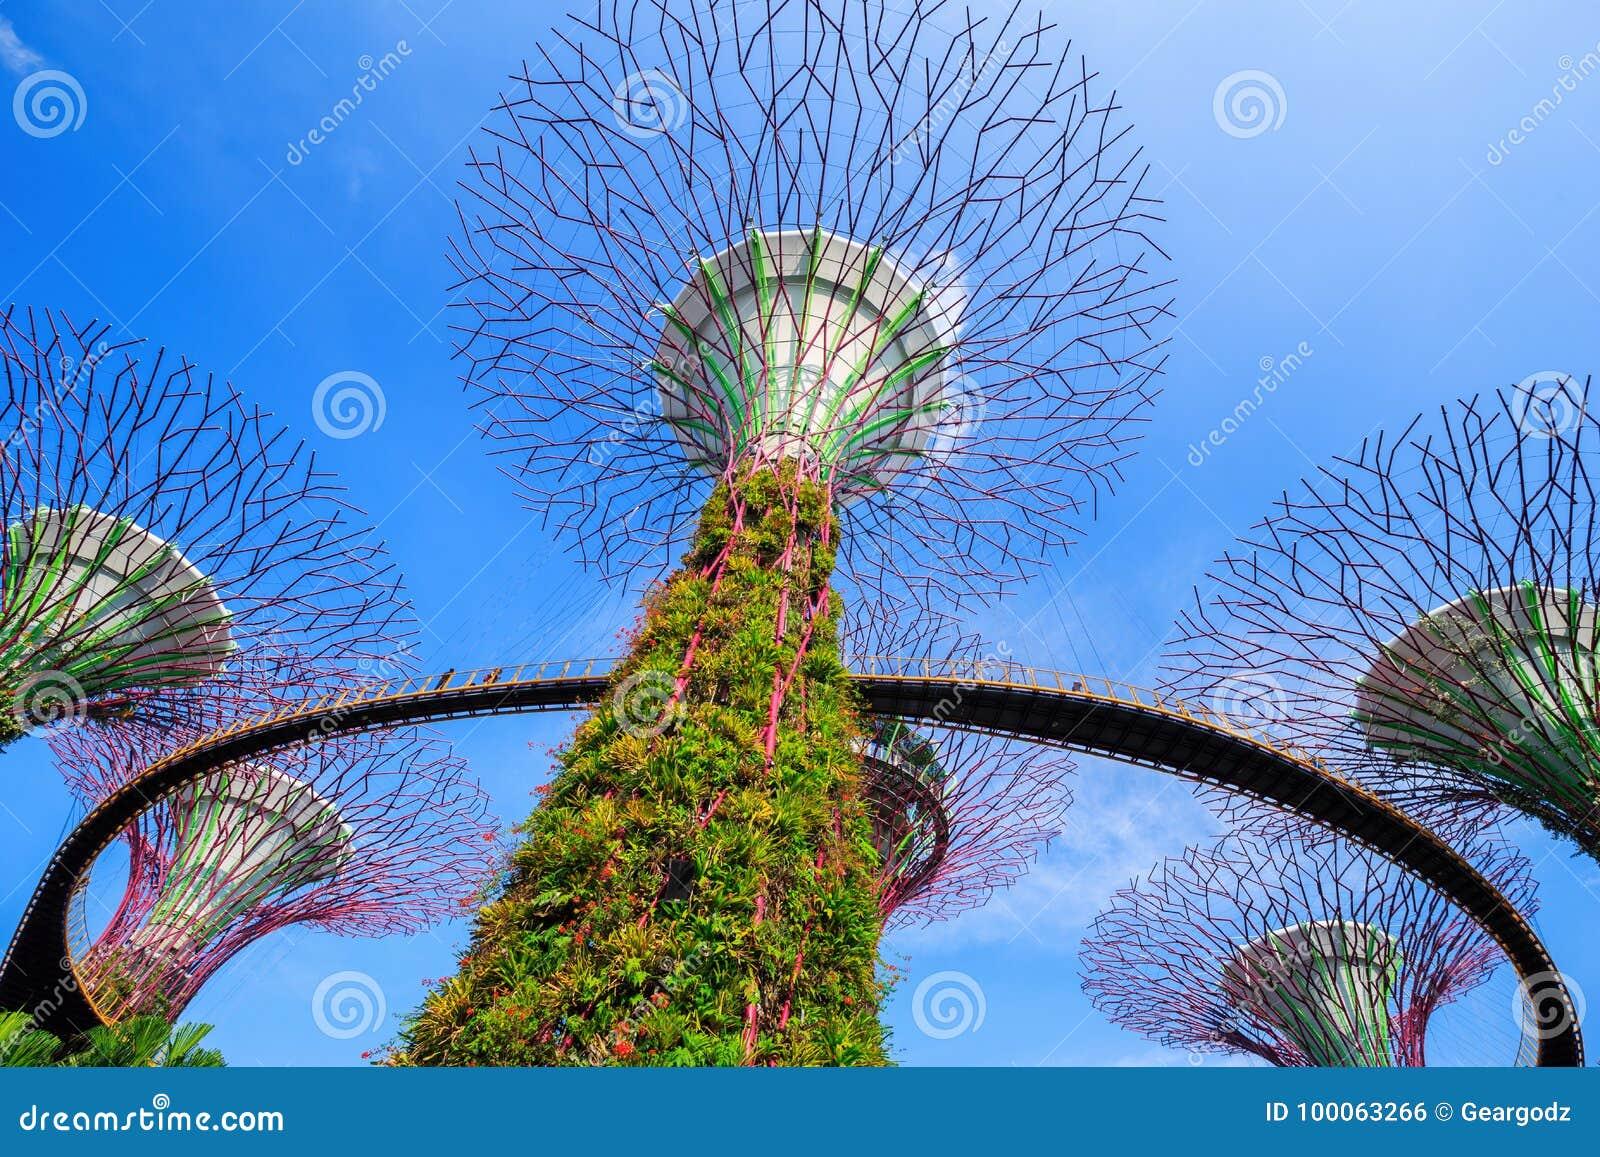 Nicht identifizierter Tourist besuchte skyway von Gärten durch die Bucht an der Sünde